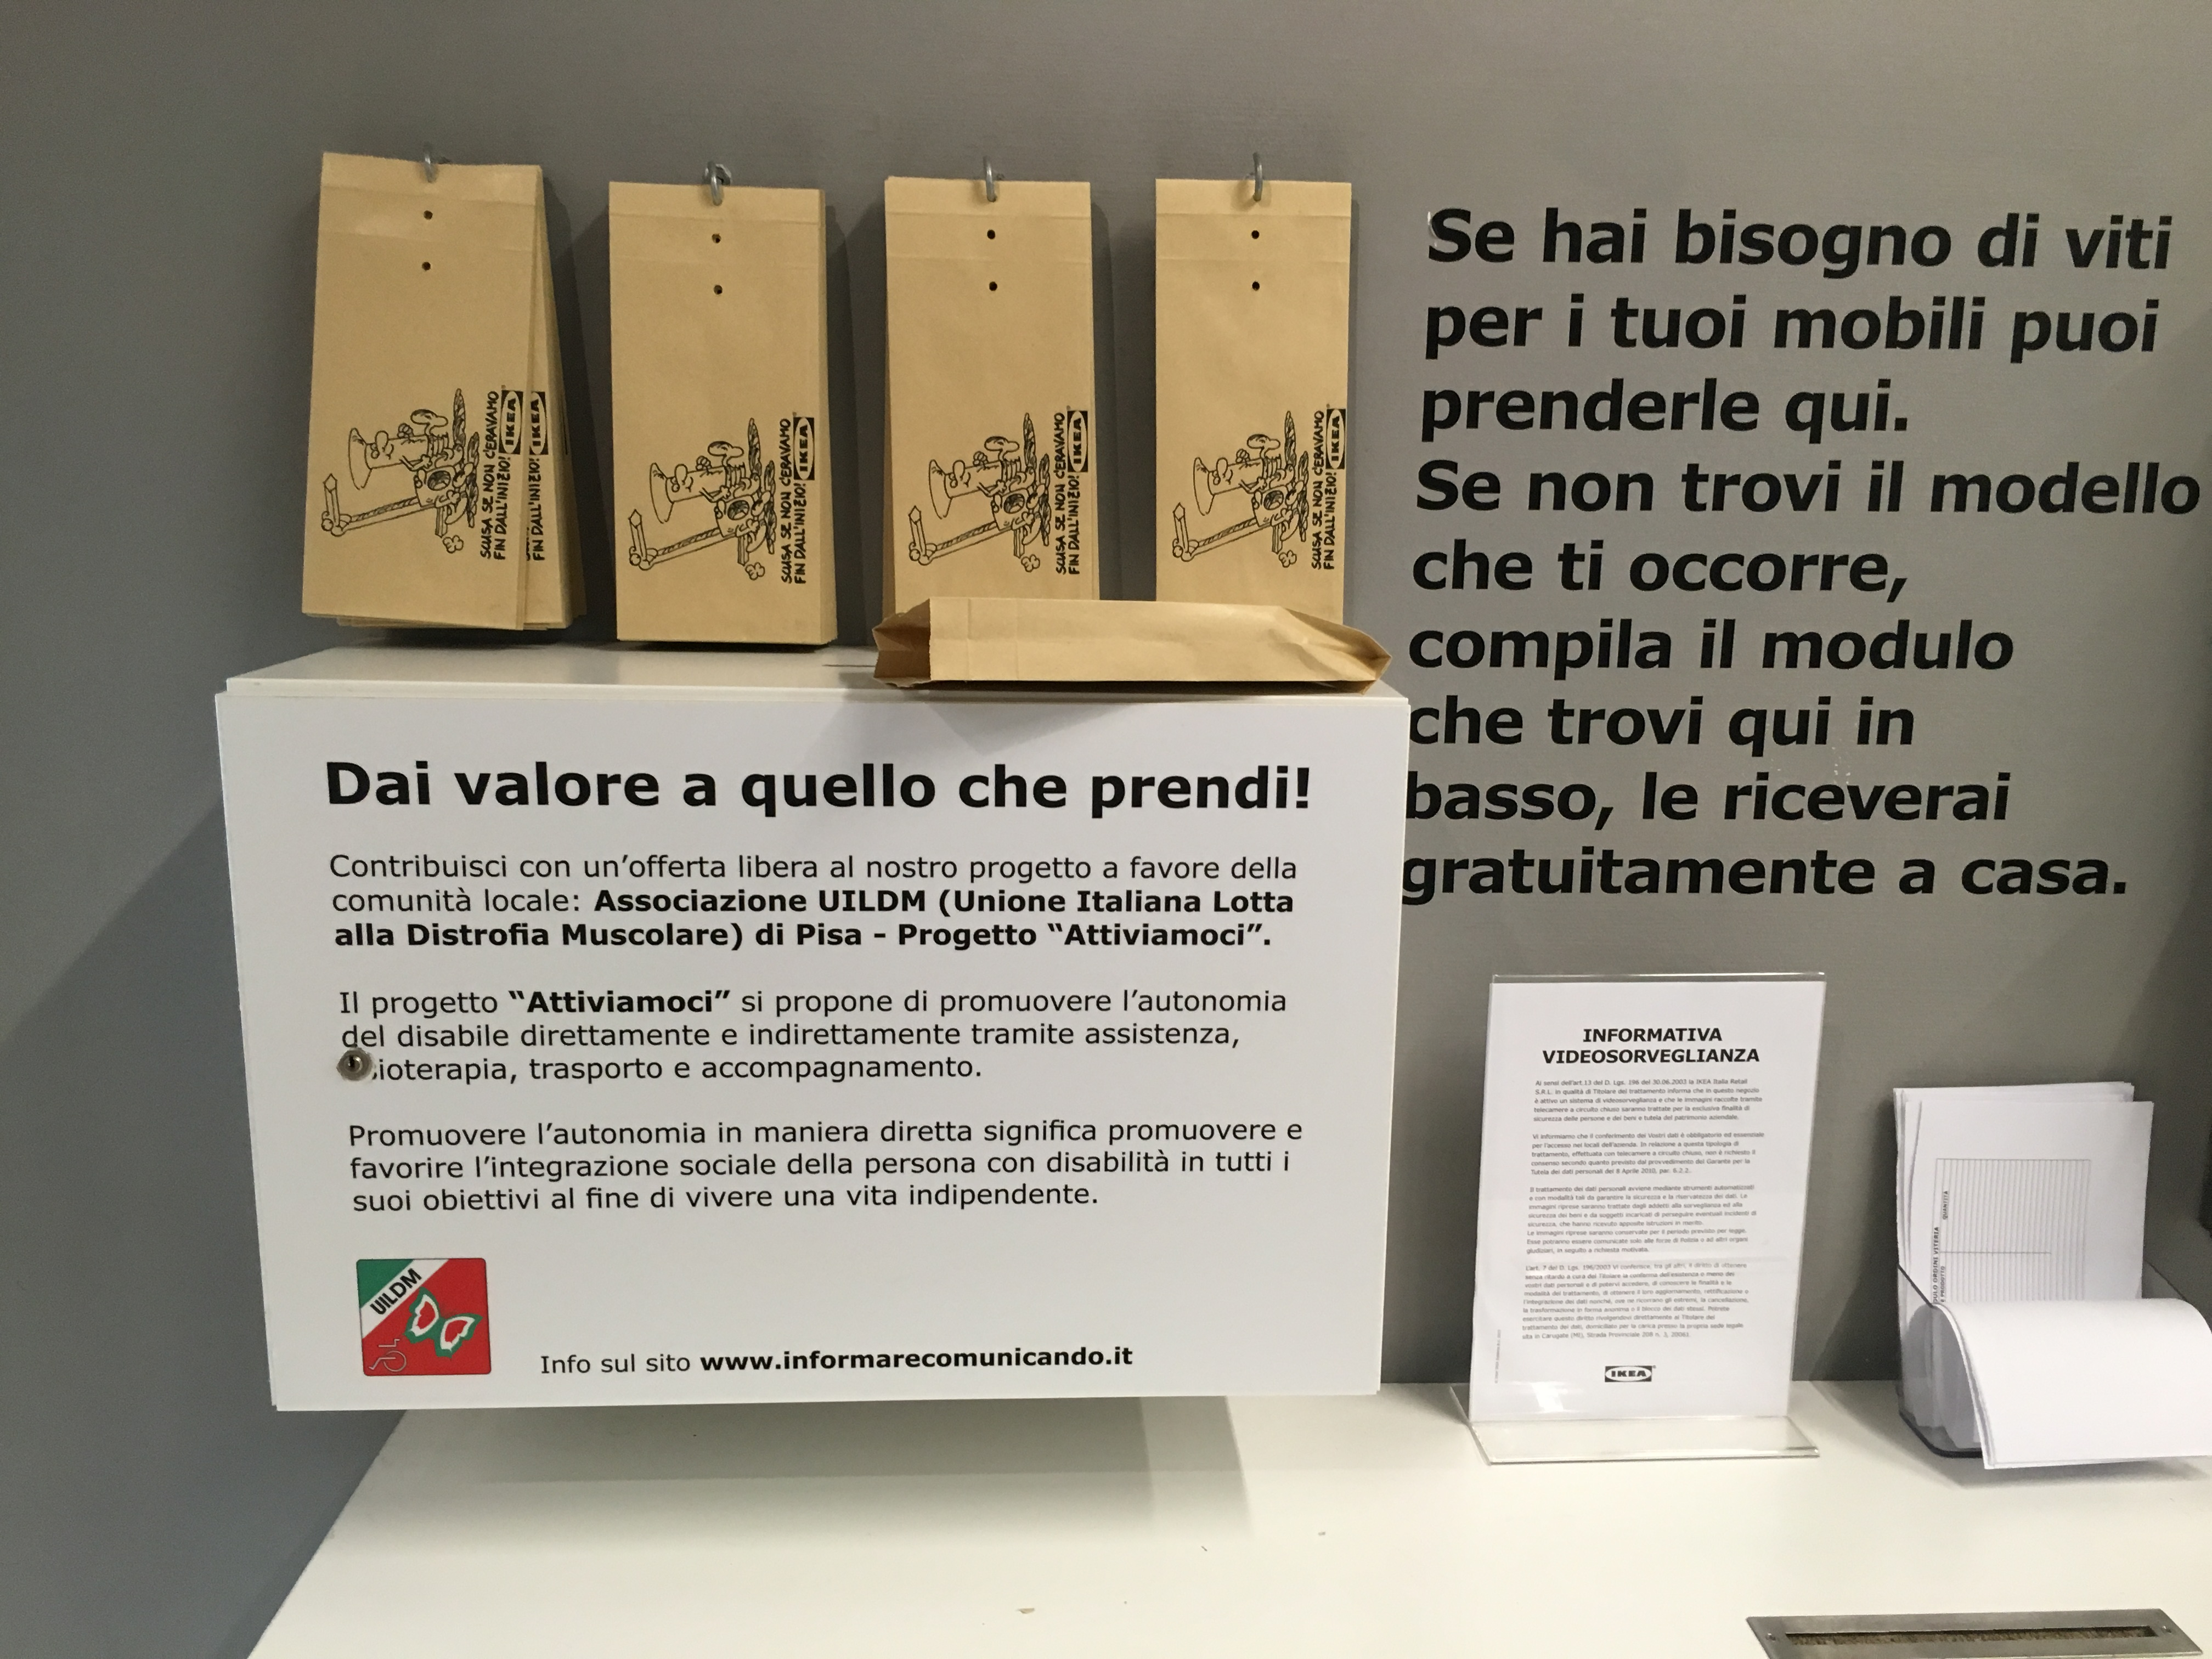 Informarecomunicando Ikea Con Uildm Per Il Progetto Attiviamoci